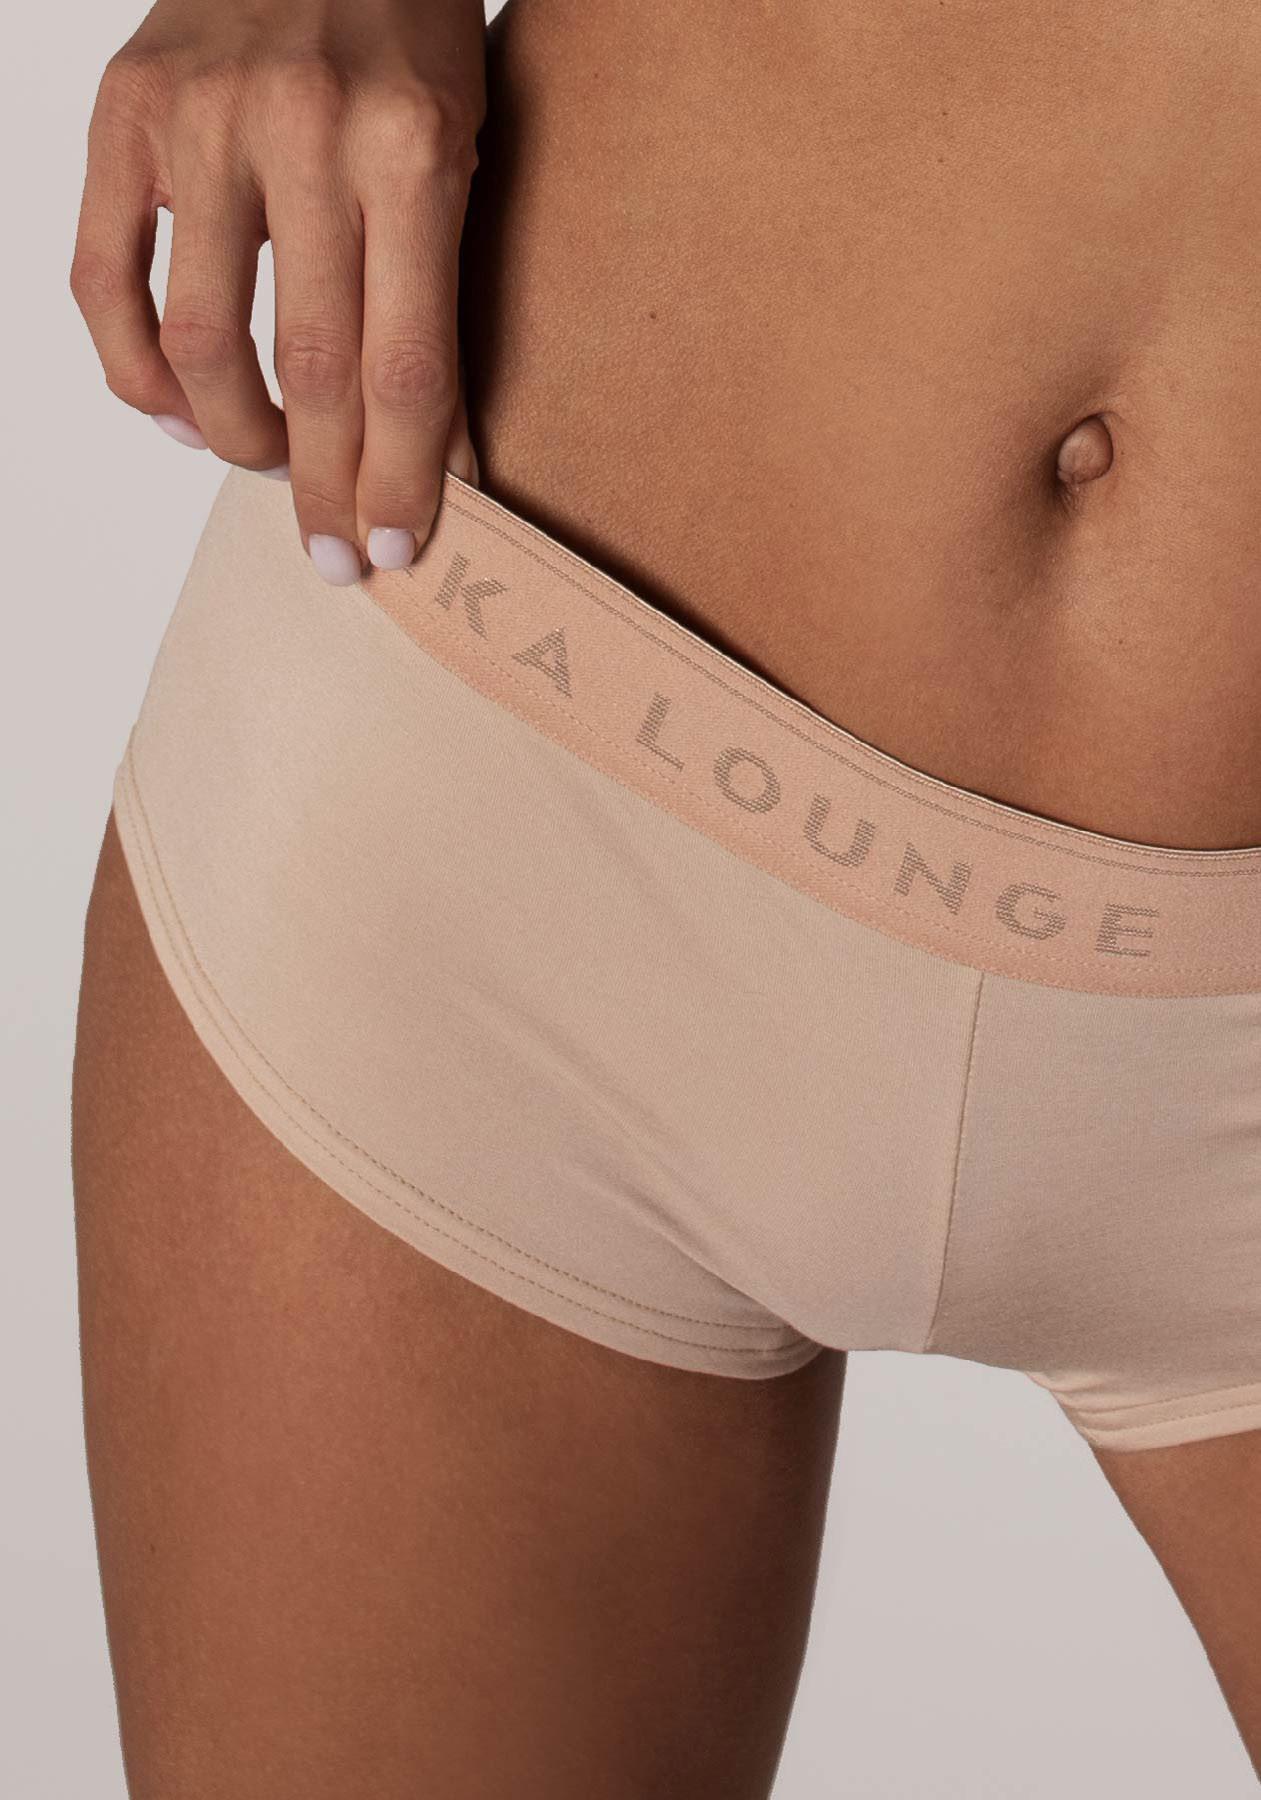 Women-Top-BackT, boxers-ELKA-Lounge-W000076,547